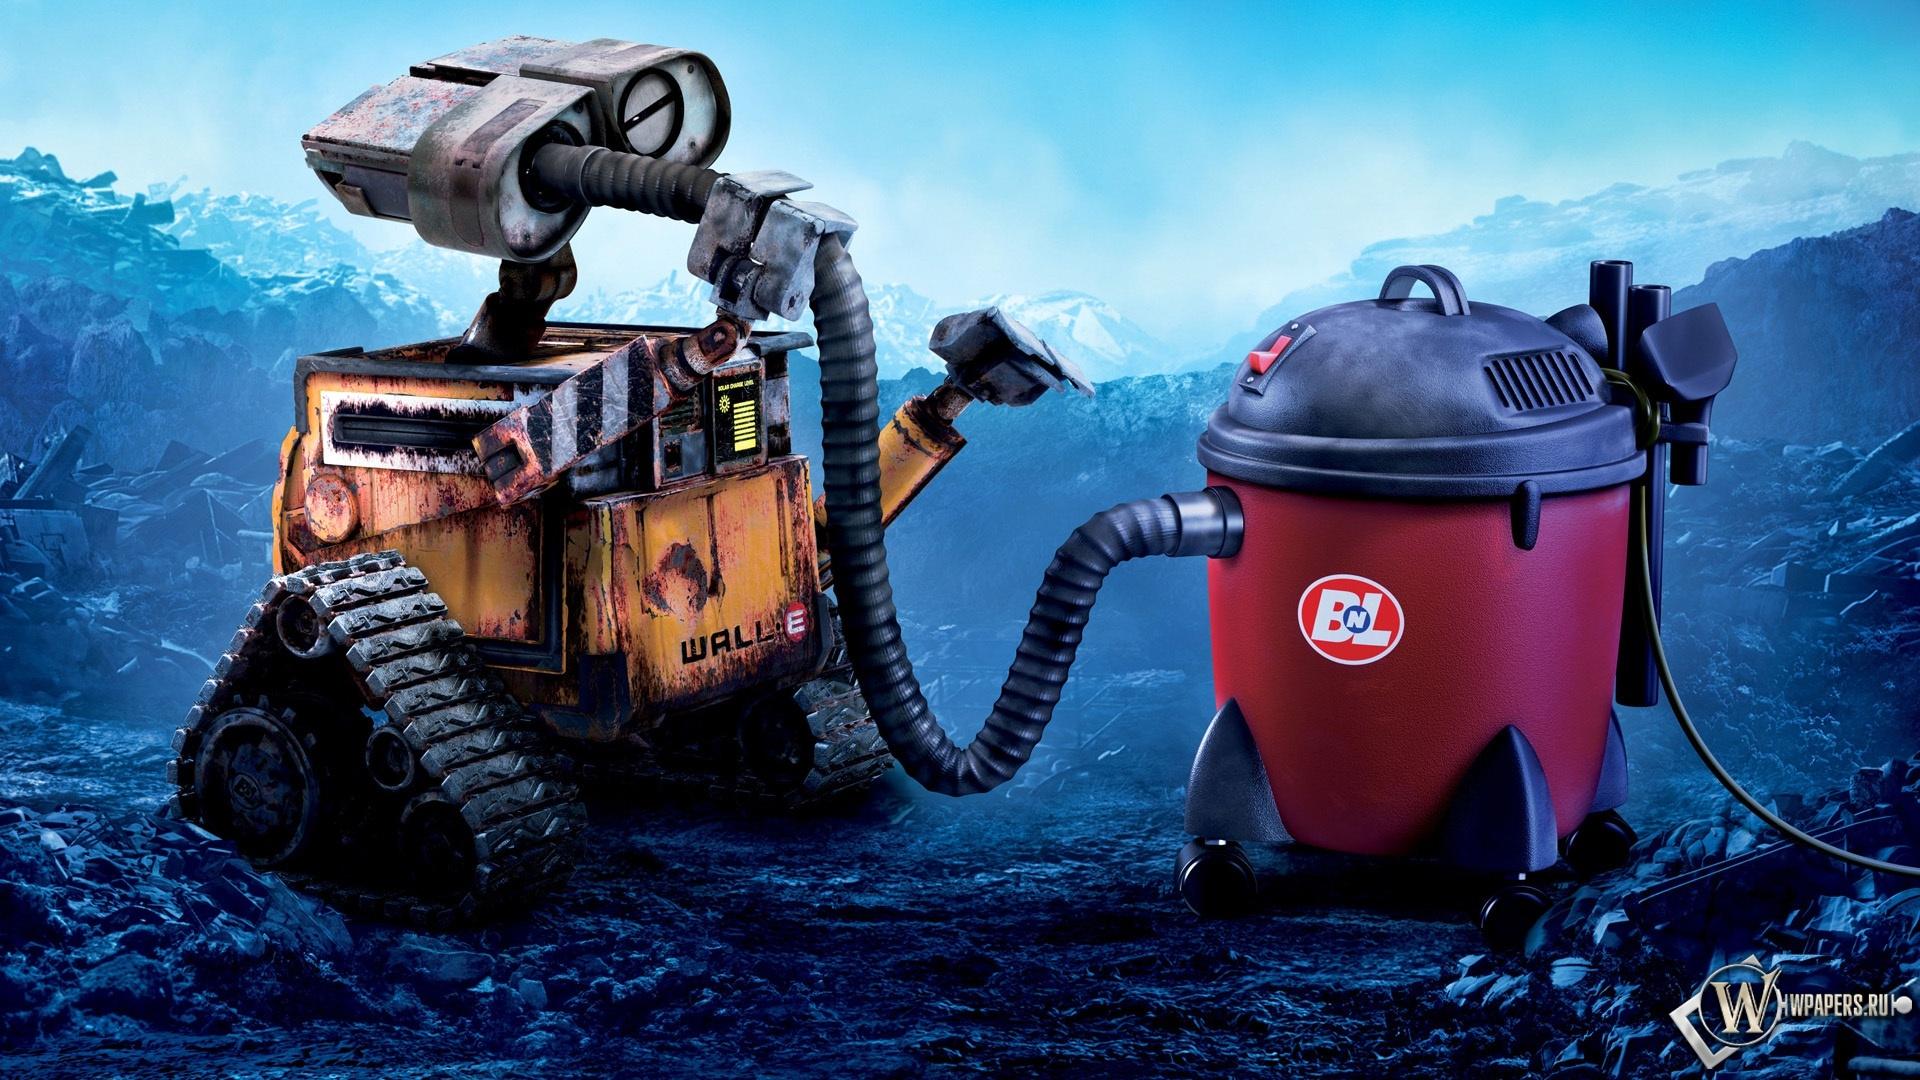 WALL-E 1920x1080